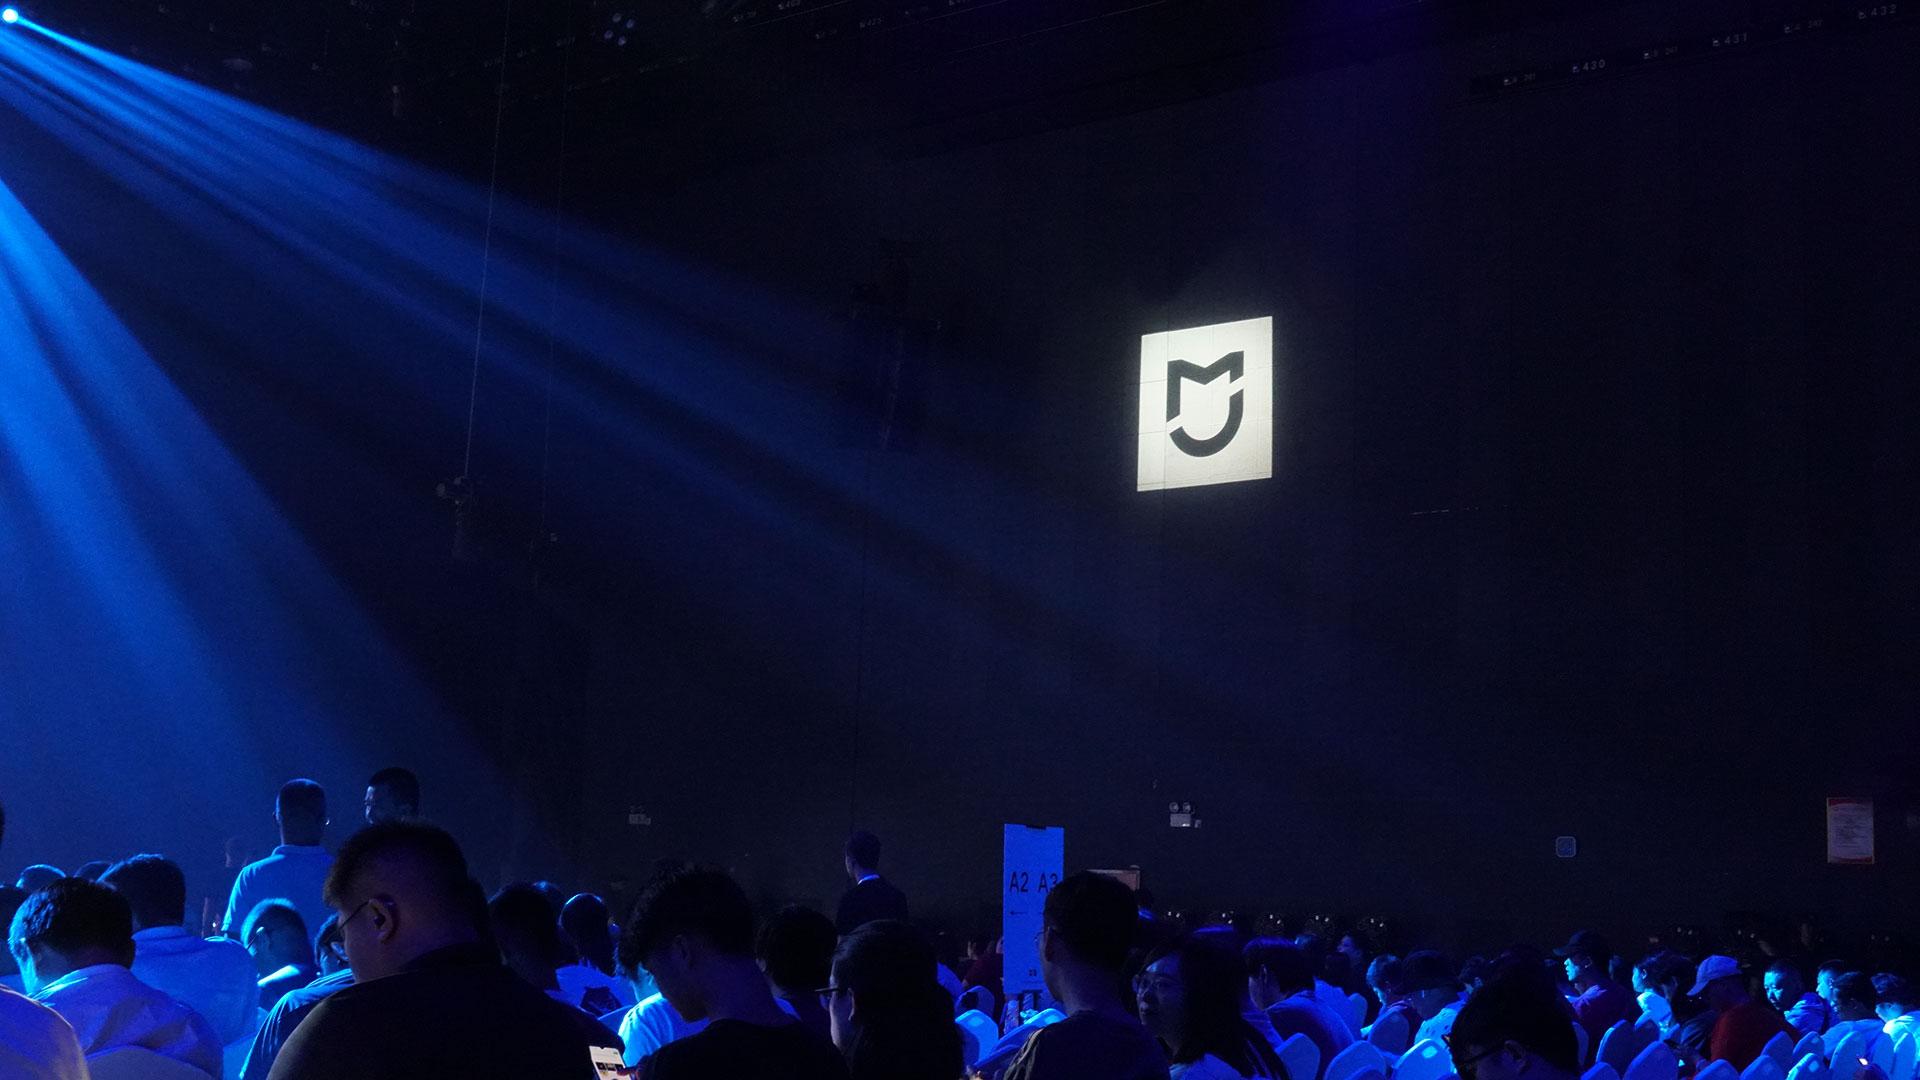 """雷军明确""""米家""""定位:面向未来的智能电器品牌"""